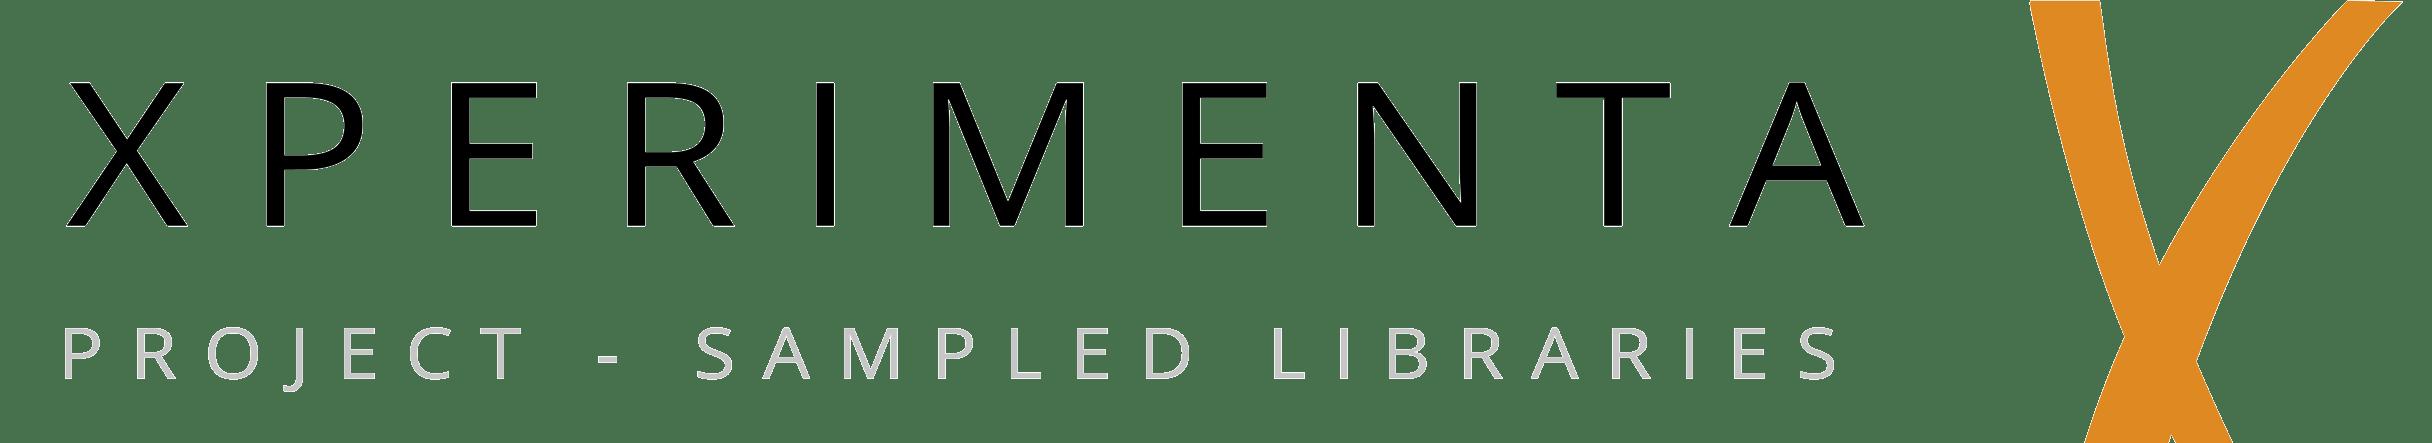 XPERIMENTA Project